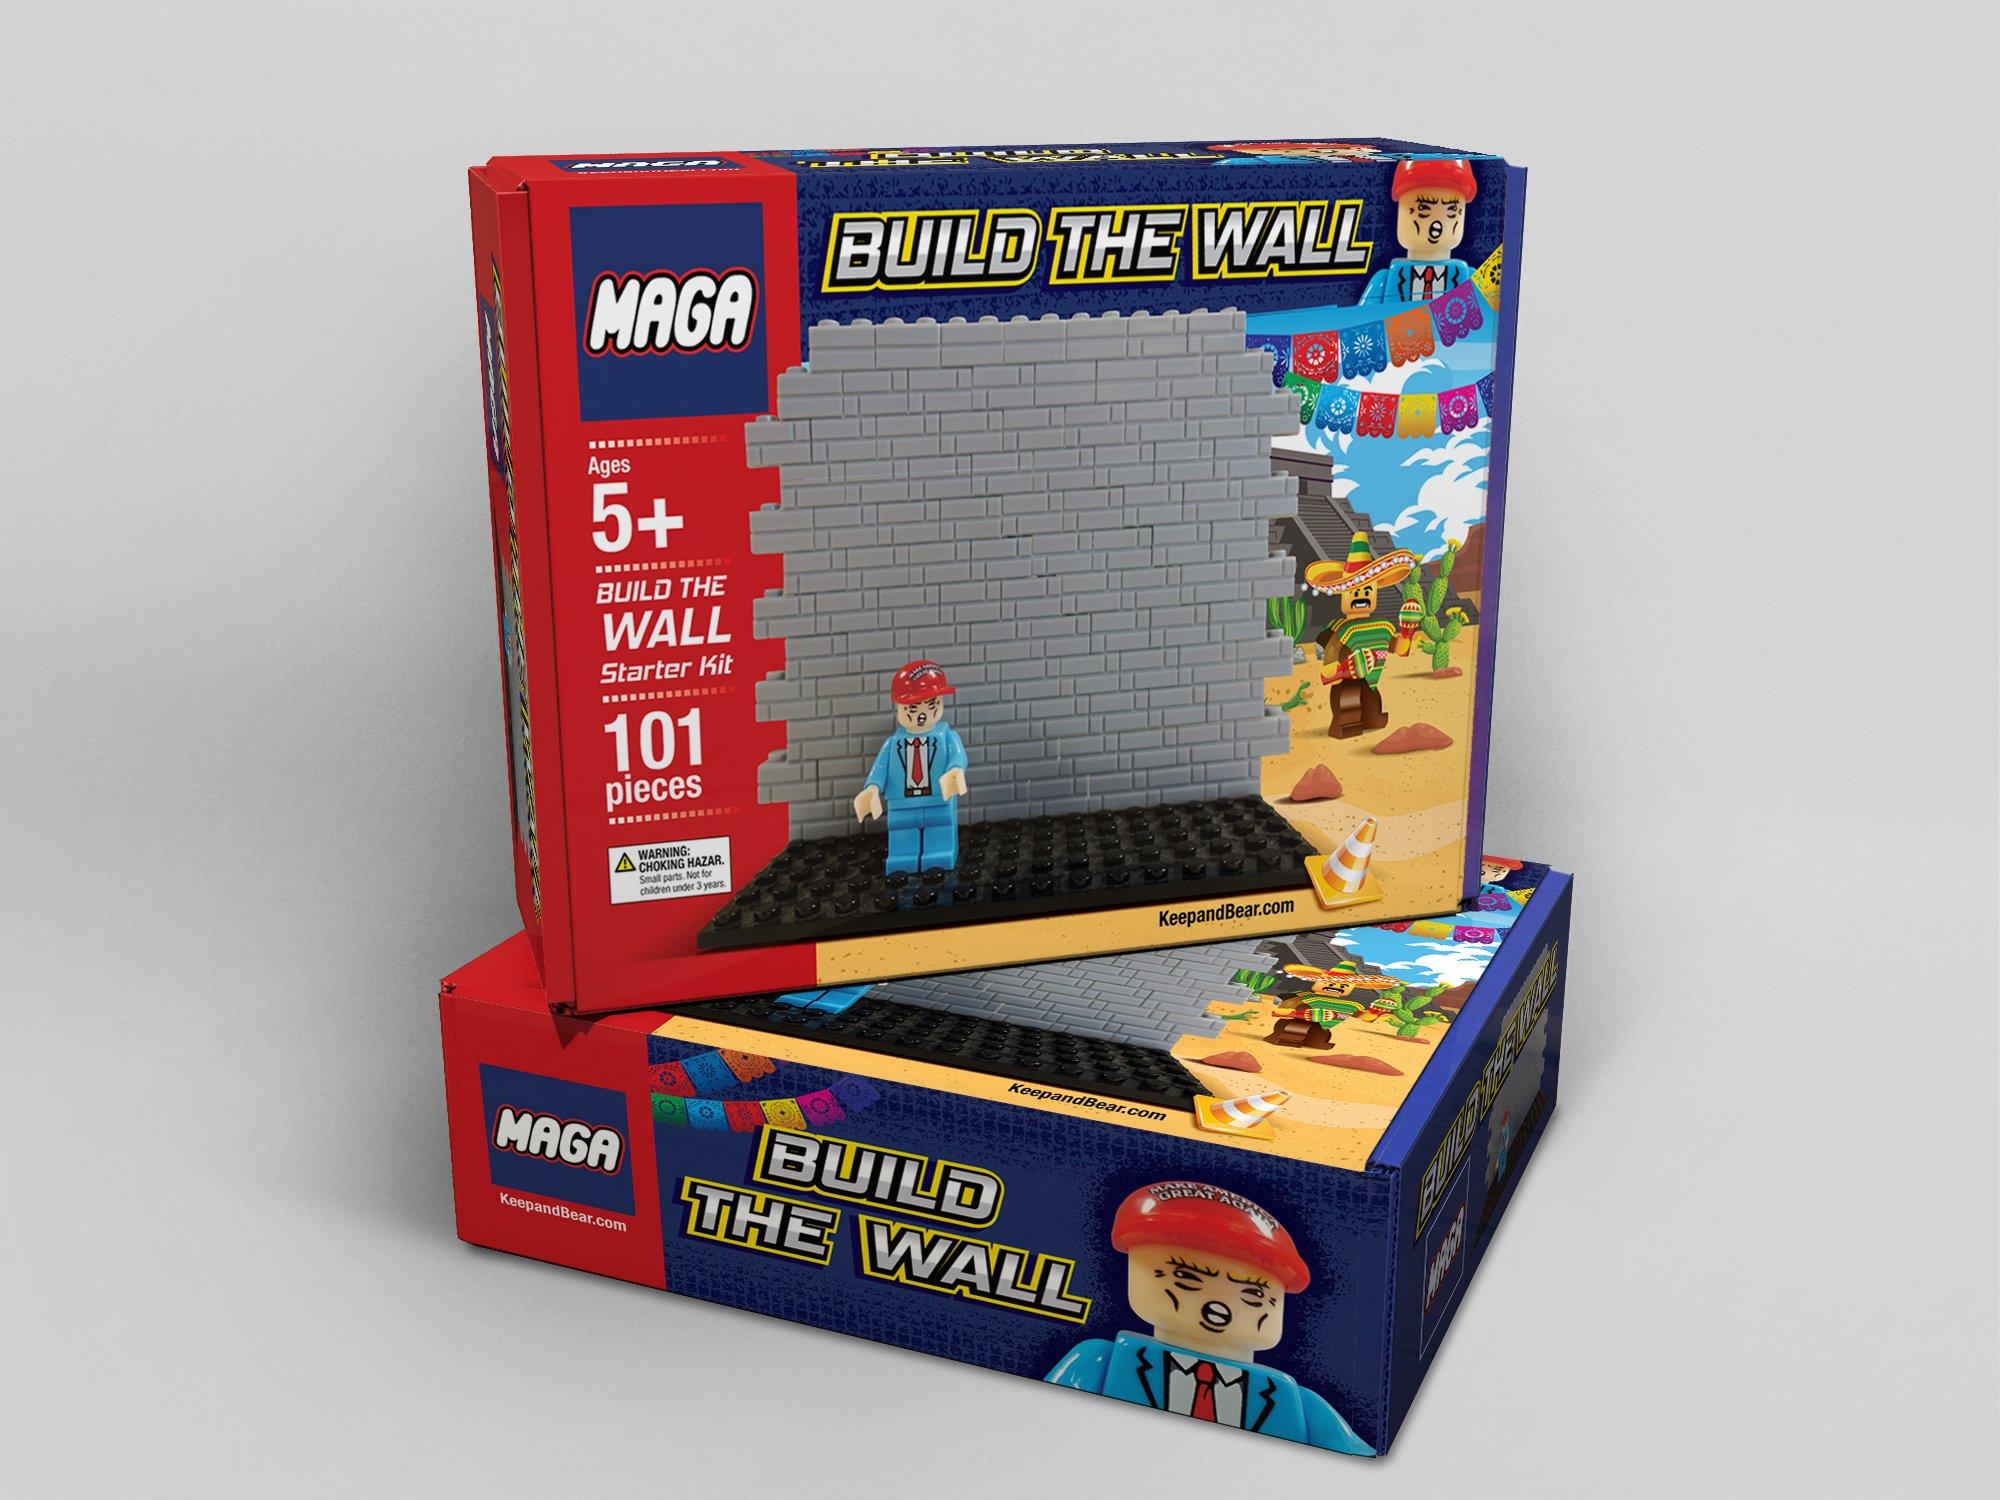 MAGA_LEGO_MOCKUP_2000x - Ocala Post